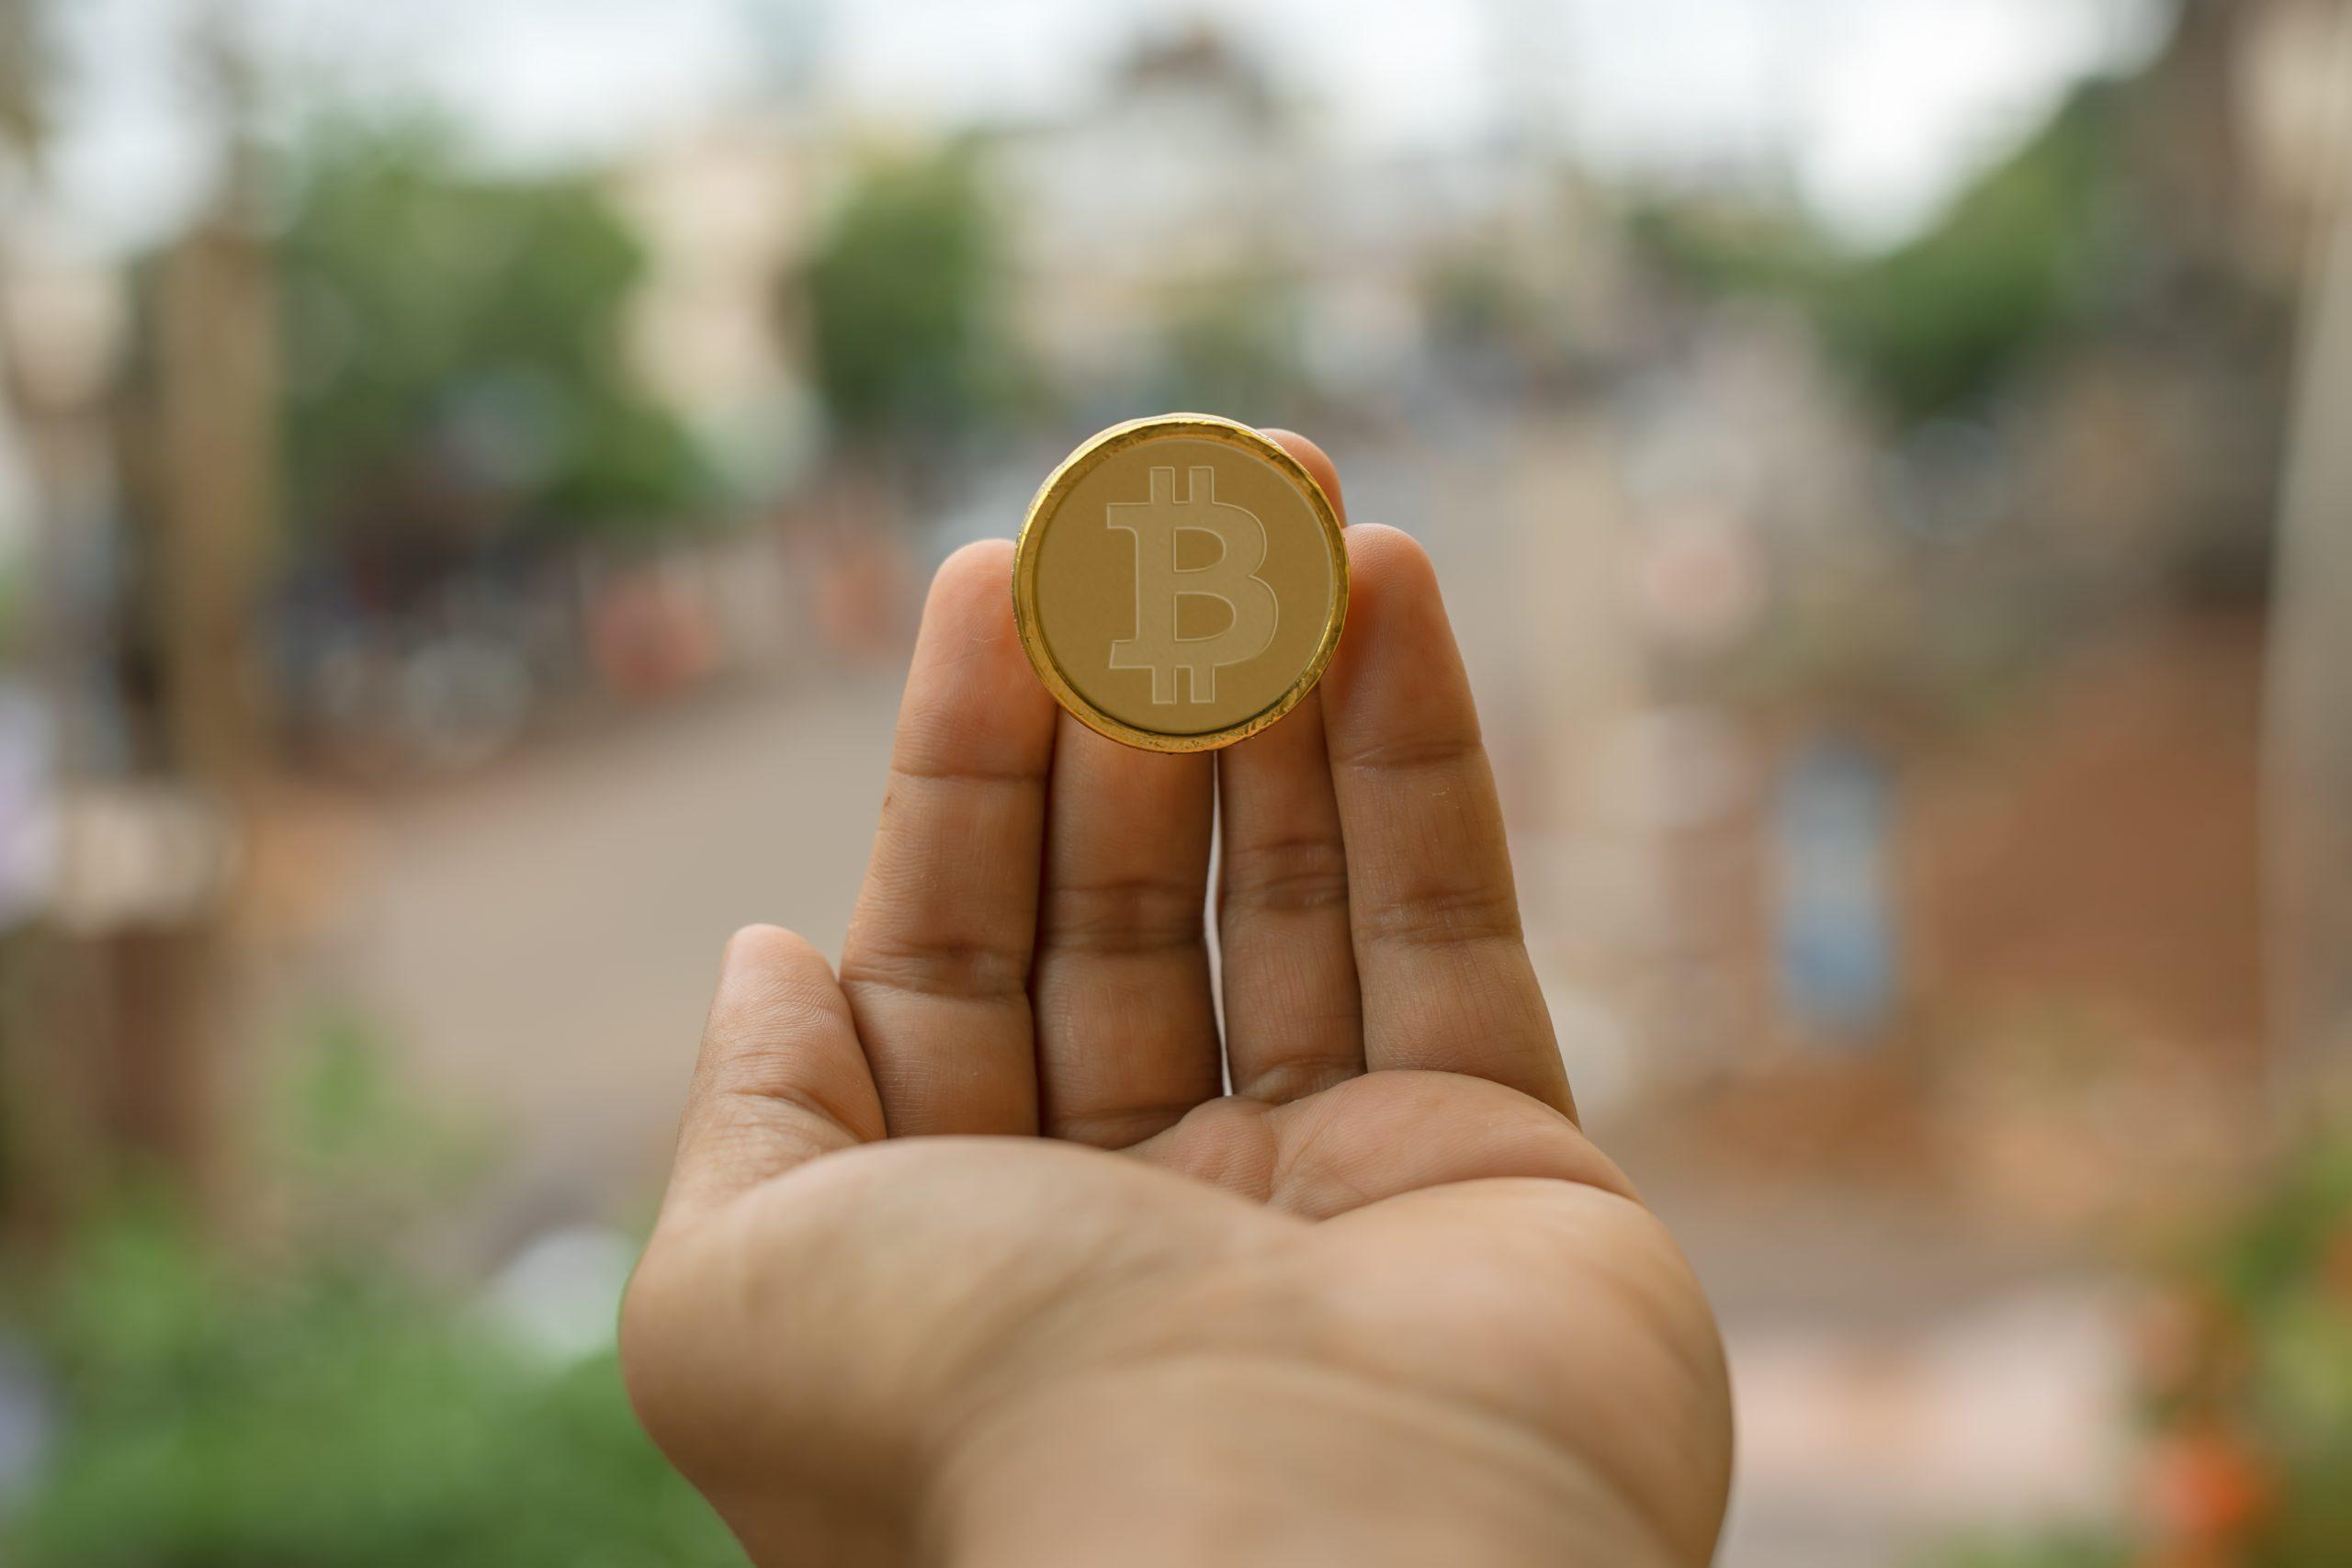 A bitcoin in hand